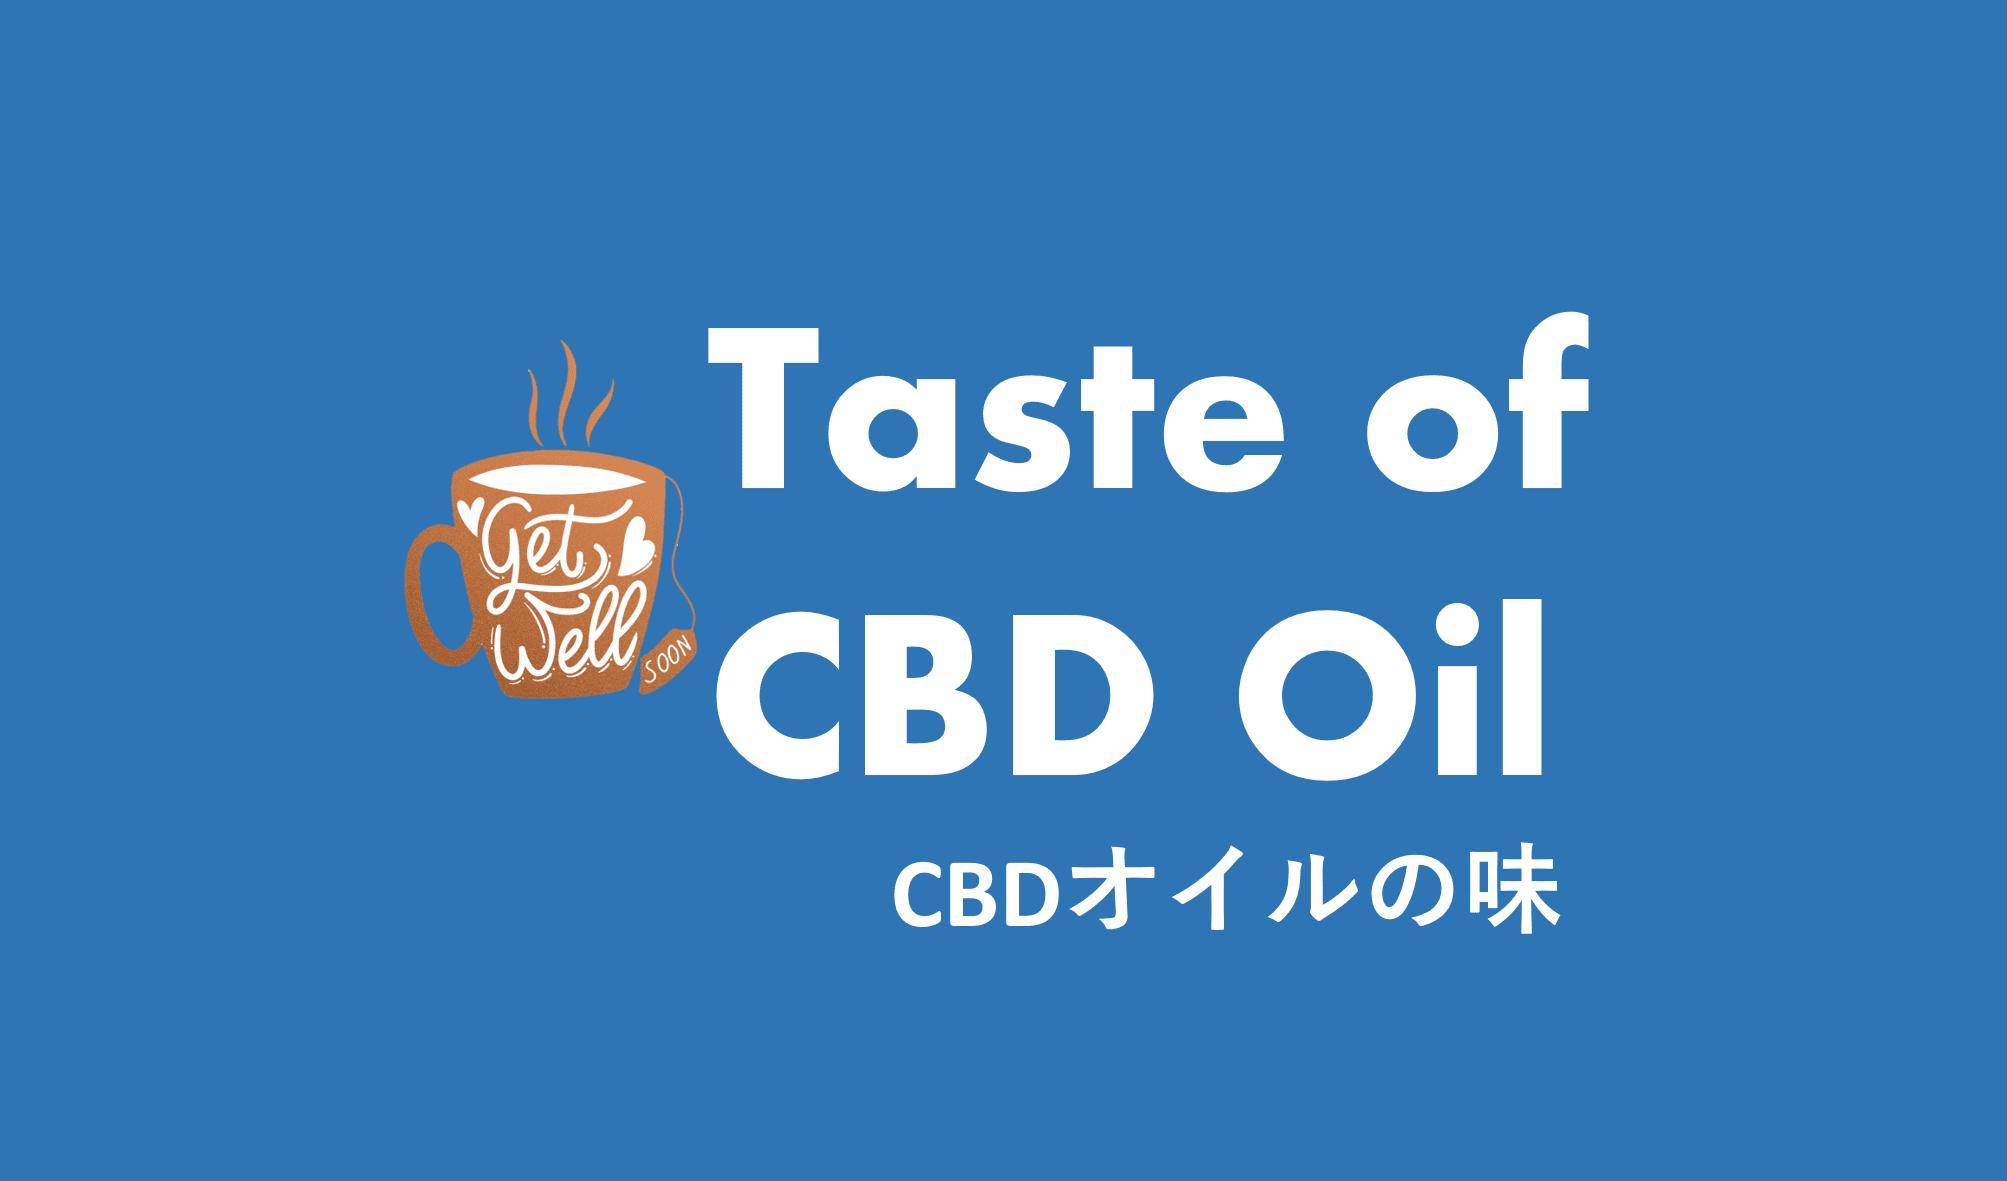 CBDオイルの味は葉や土のような…CBDをおいしく摂れる方法を紹介